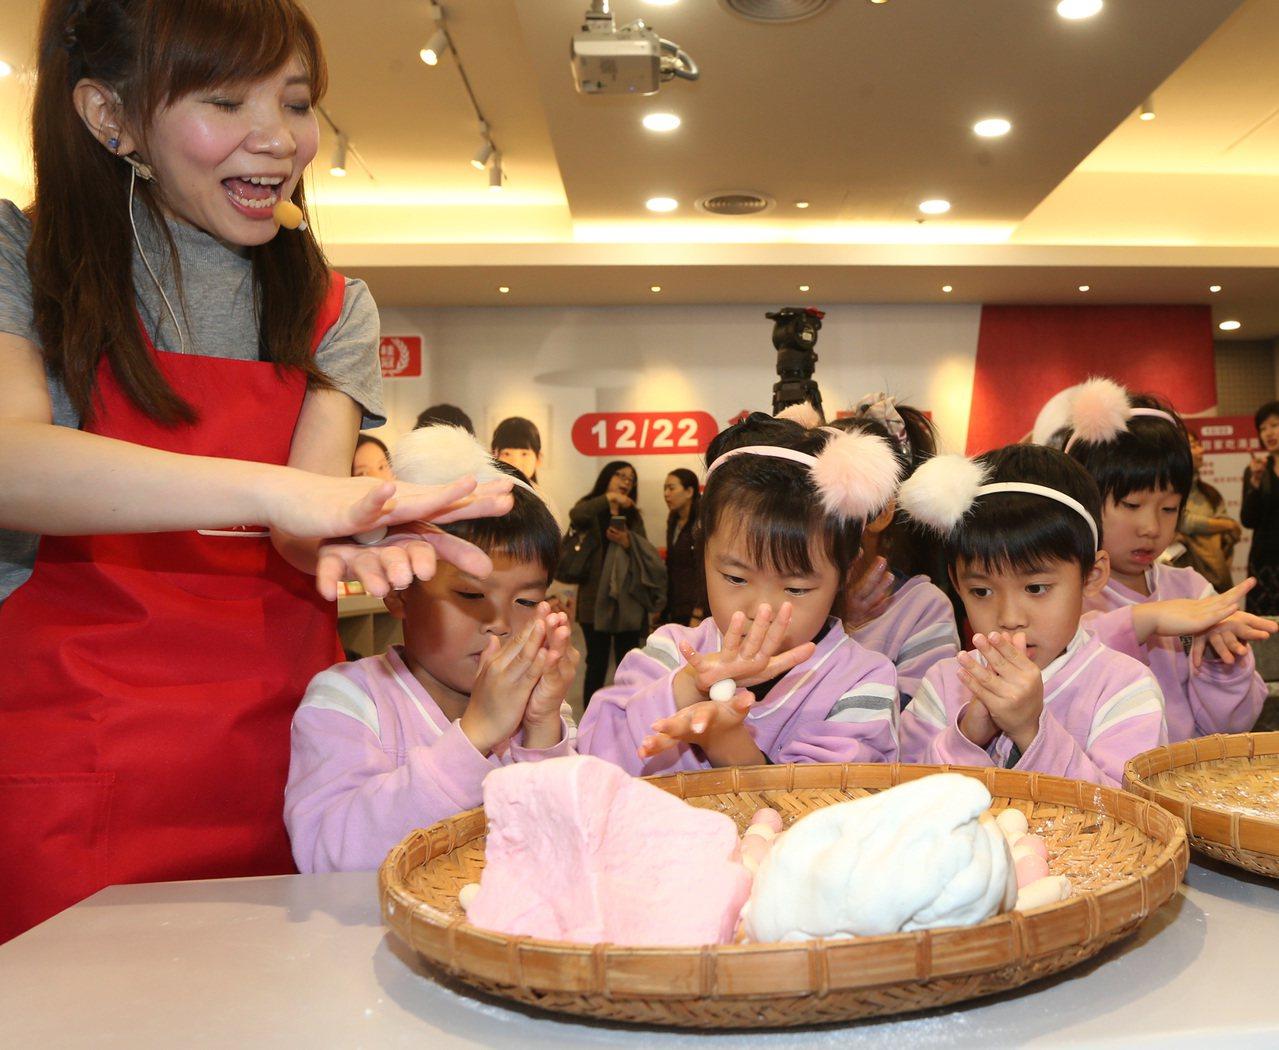 湯圓業者日前舉辦「冬至回家吃湯圓」活動,現場由老師帶領小朋友依古法搓揉製作湯圓。...